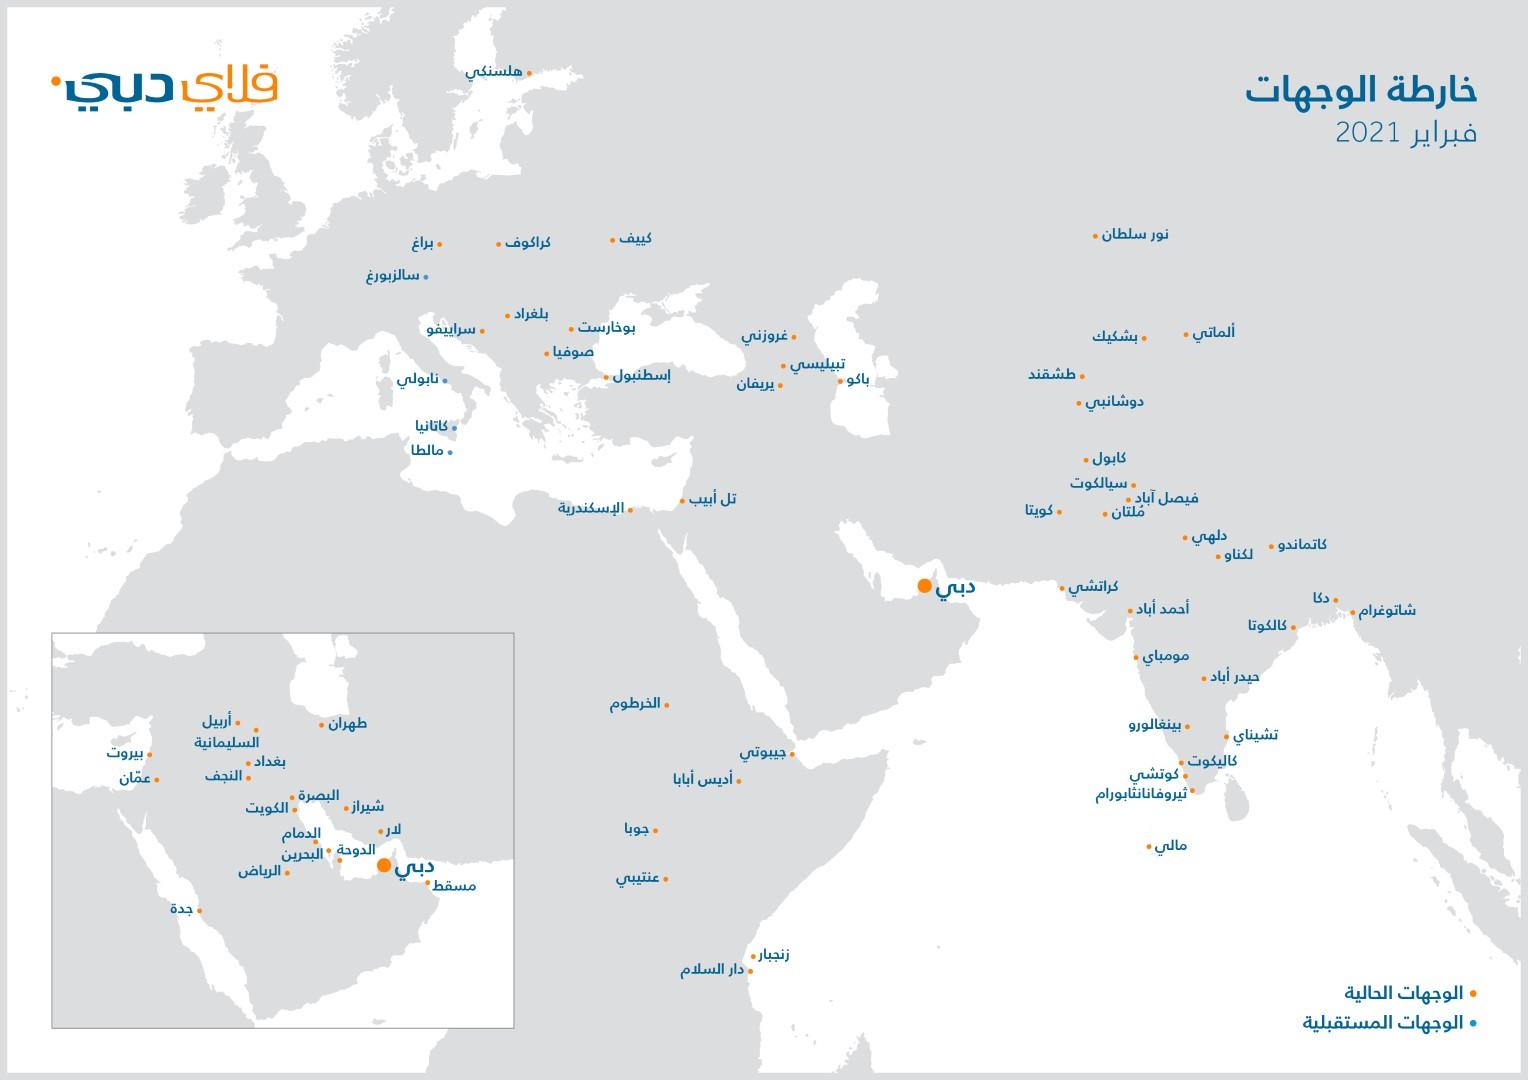 فلاي دبي تستأنف رحلاتها إلى تبليسي